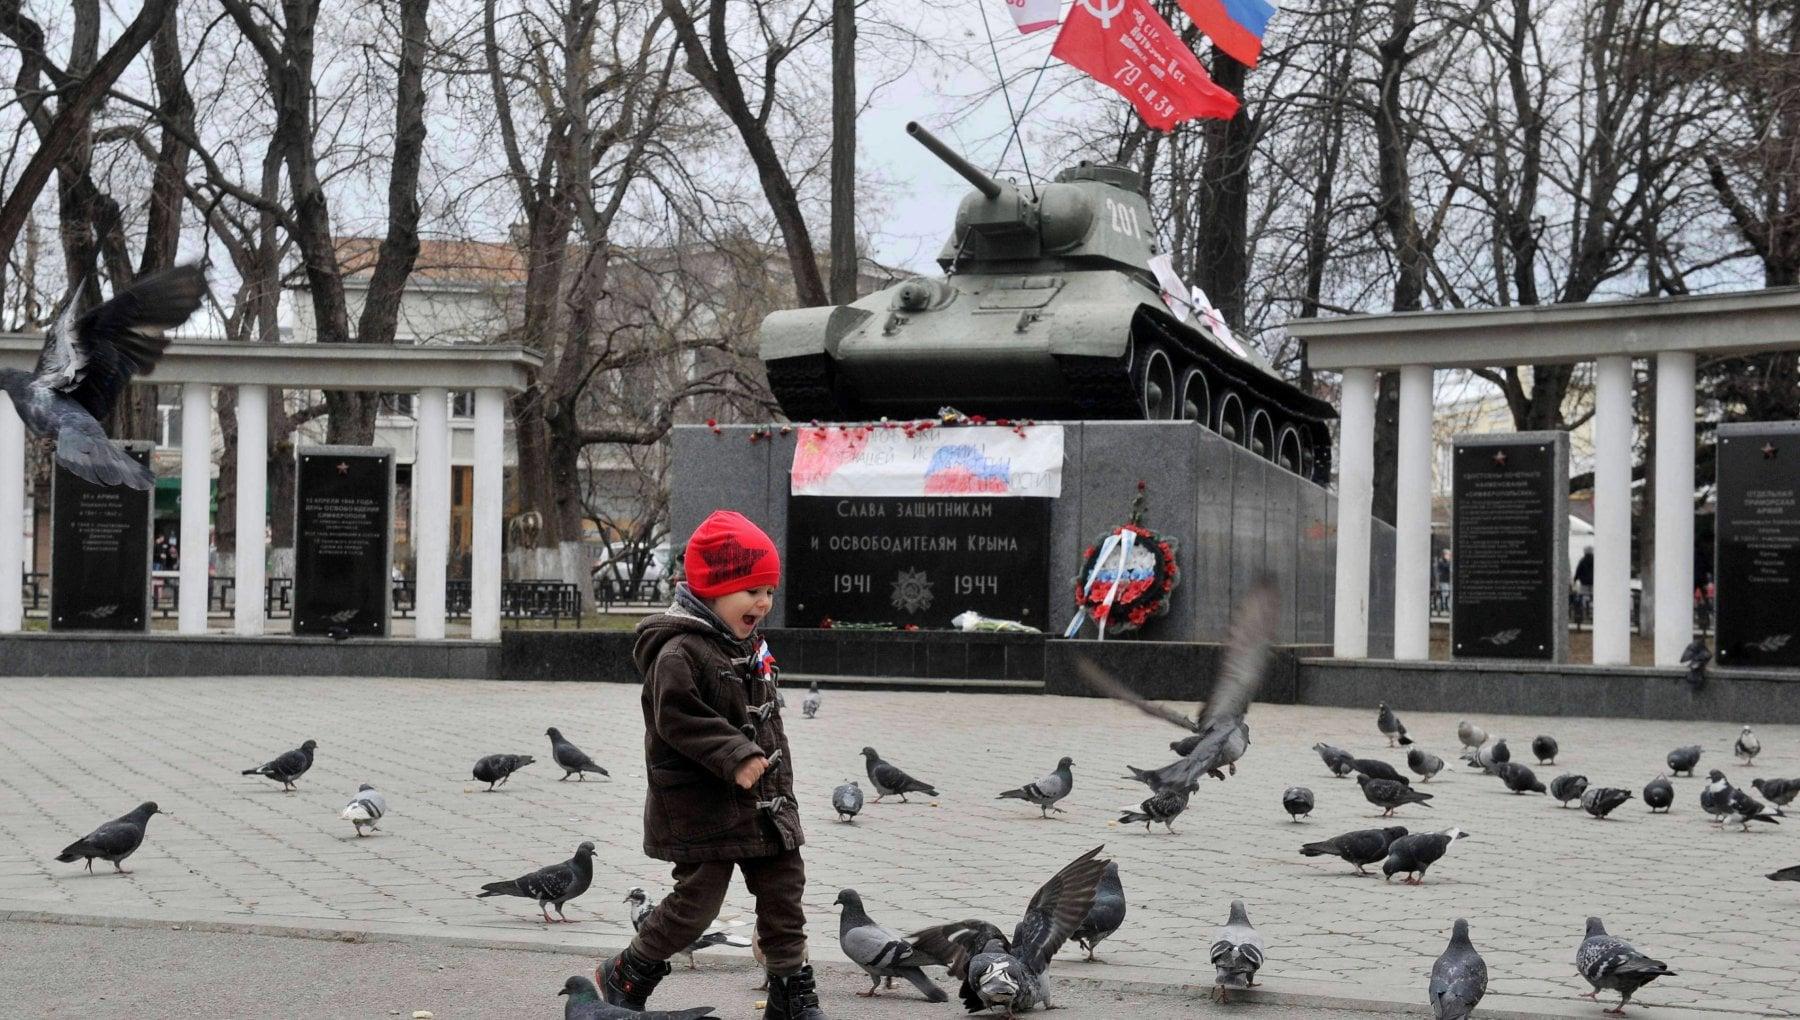 """185129399 a0b21970 0904 4f1b b7d0 3292fb387d3f - Dzhemilev, capo dei Tatari di Crimea: """"Oggi siamo più perseguitati che nei tempi sovietici"""""""